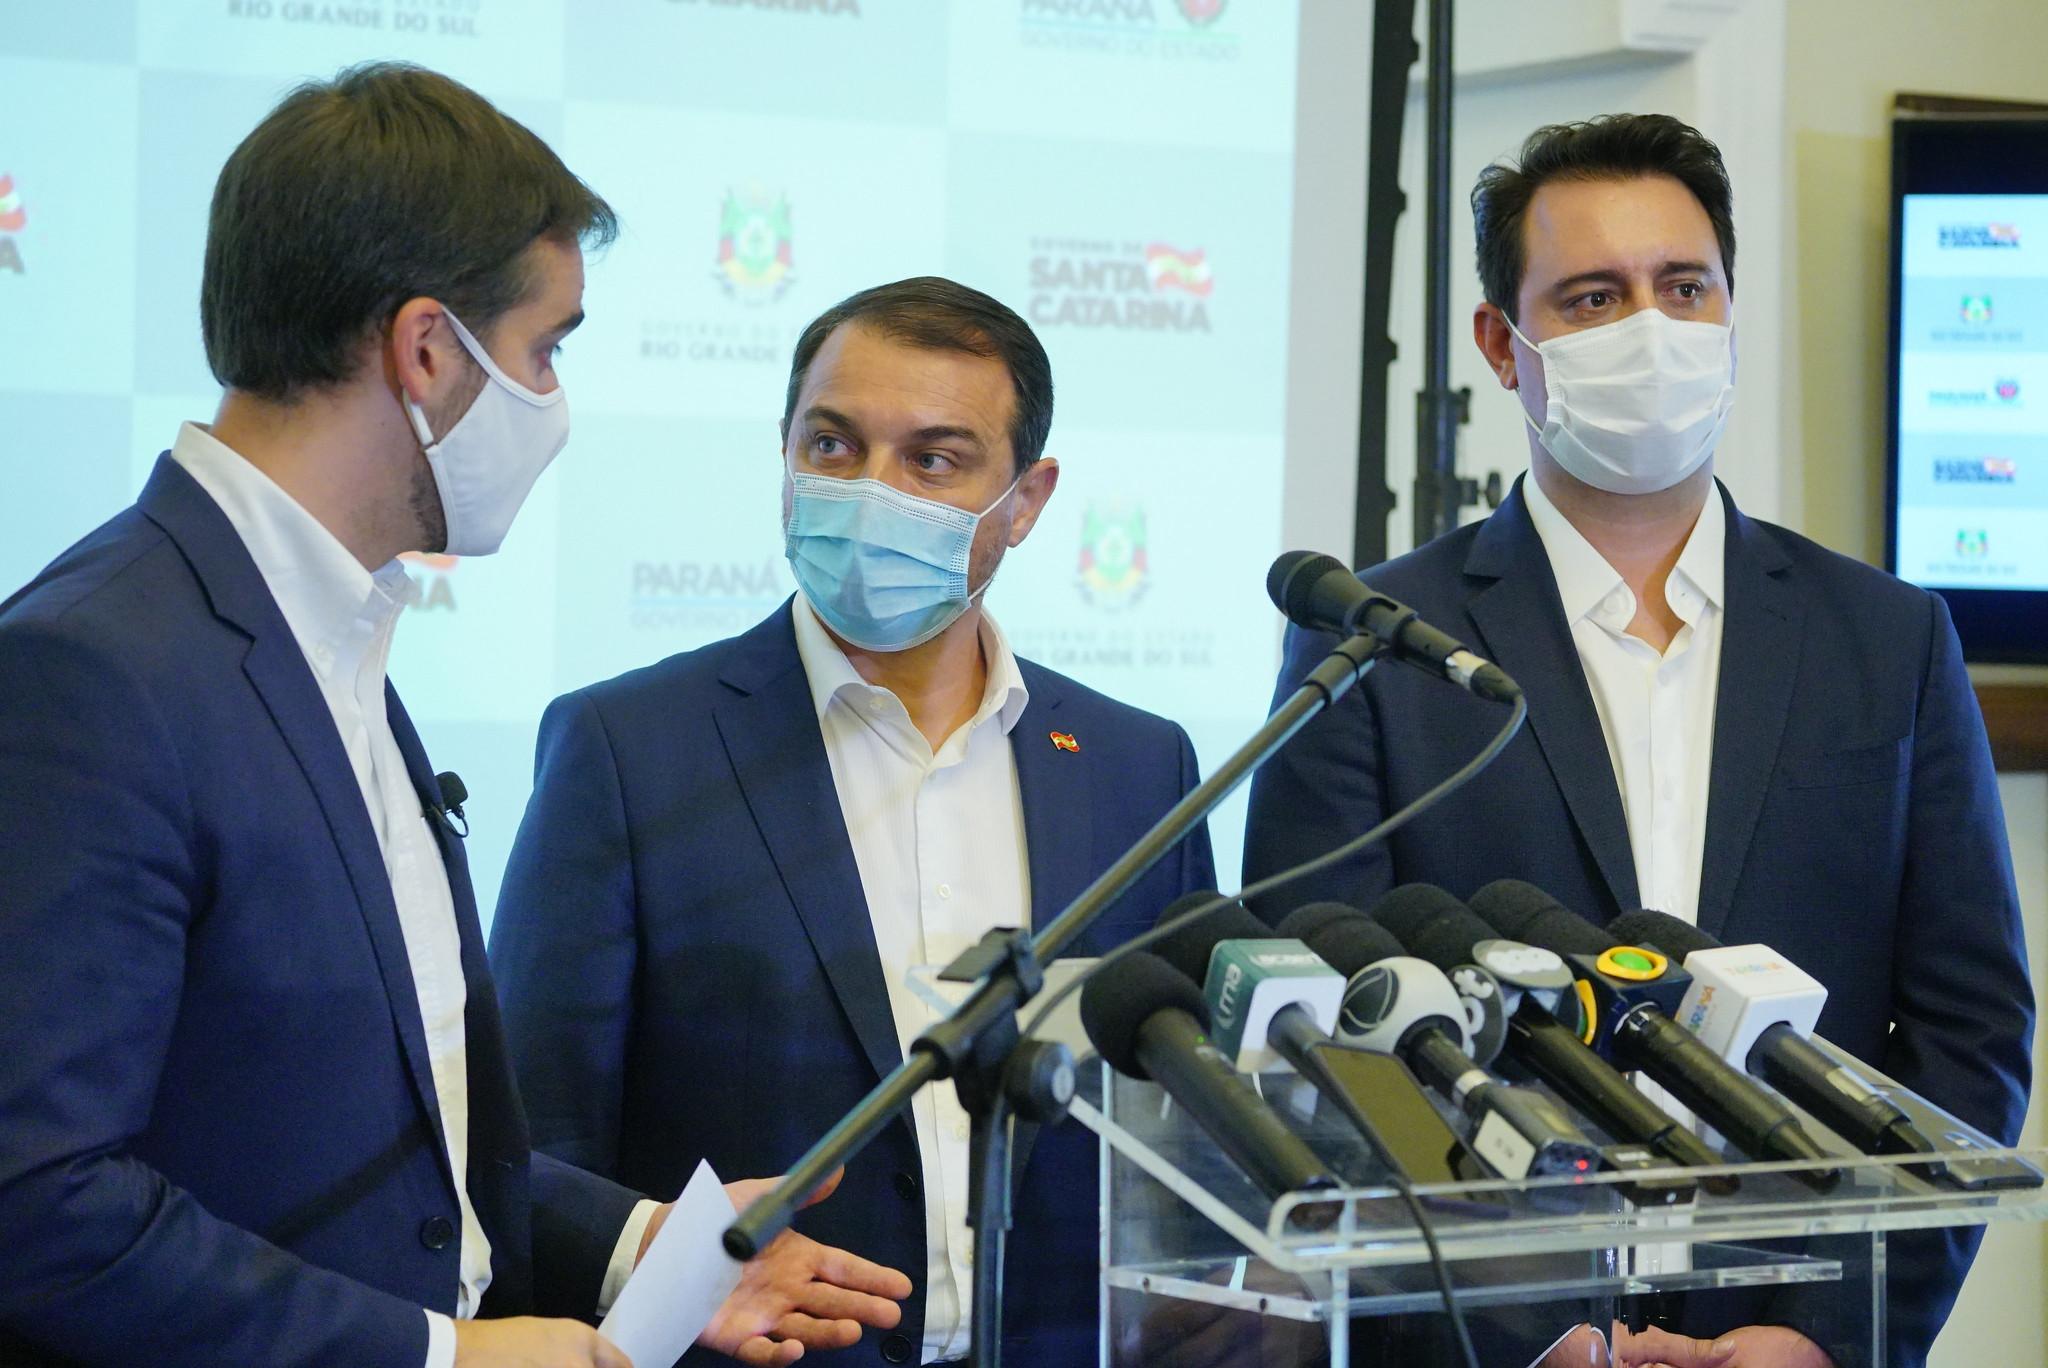 Governadores do Sul anunciam medidas de cooperação no enfrentamento da pandemia